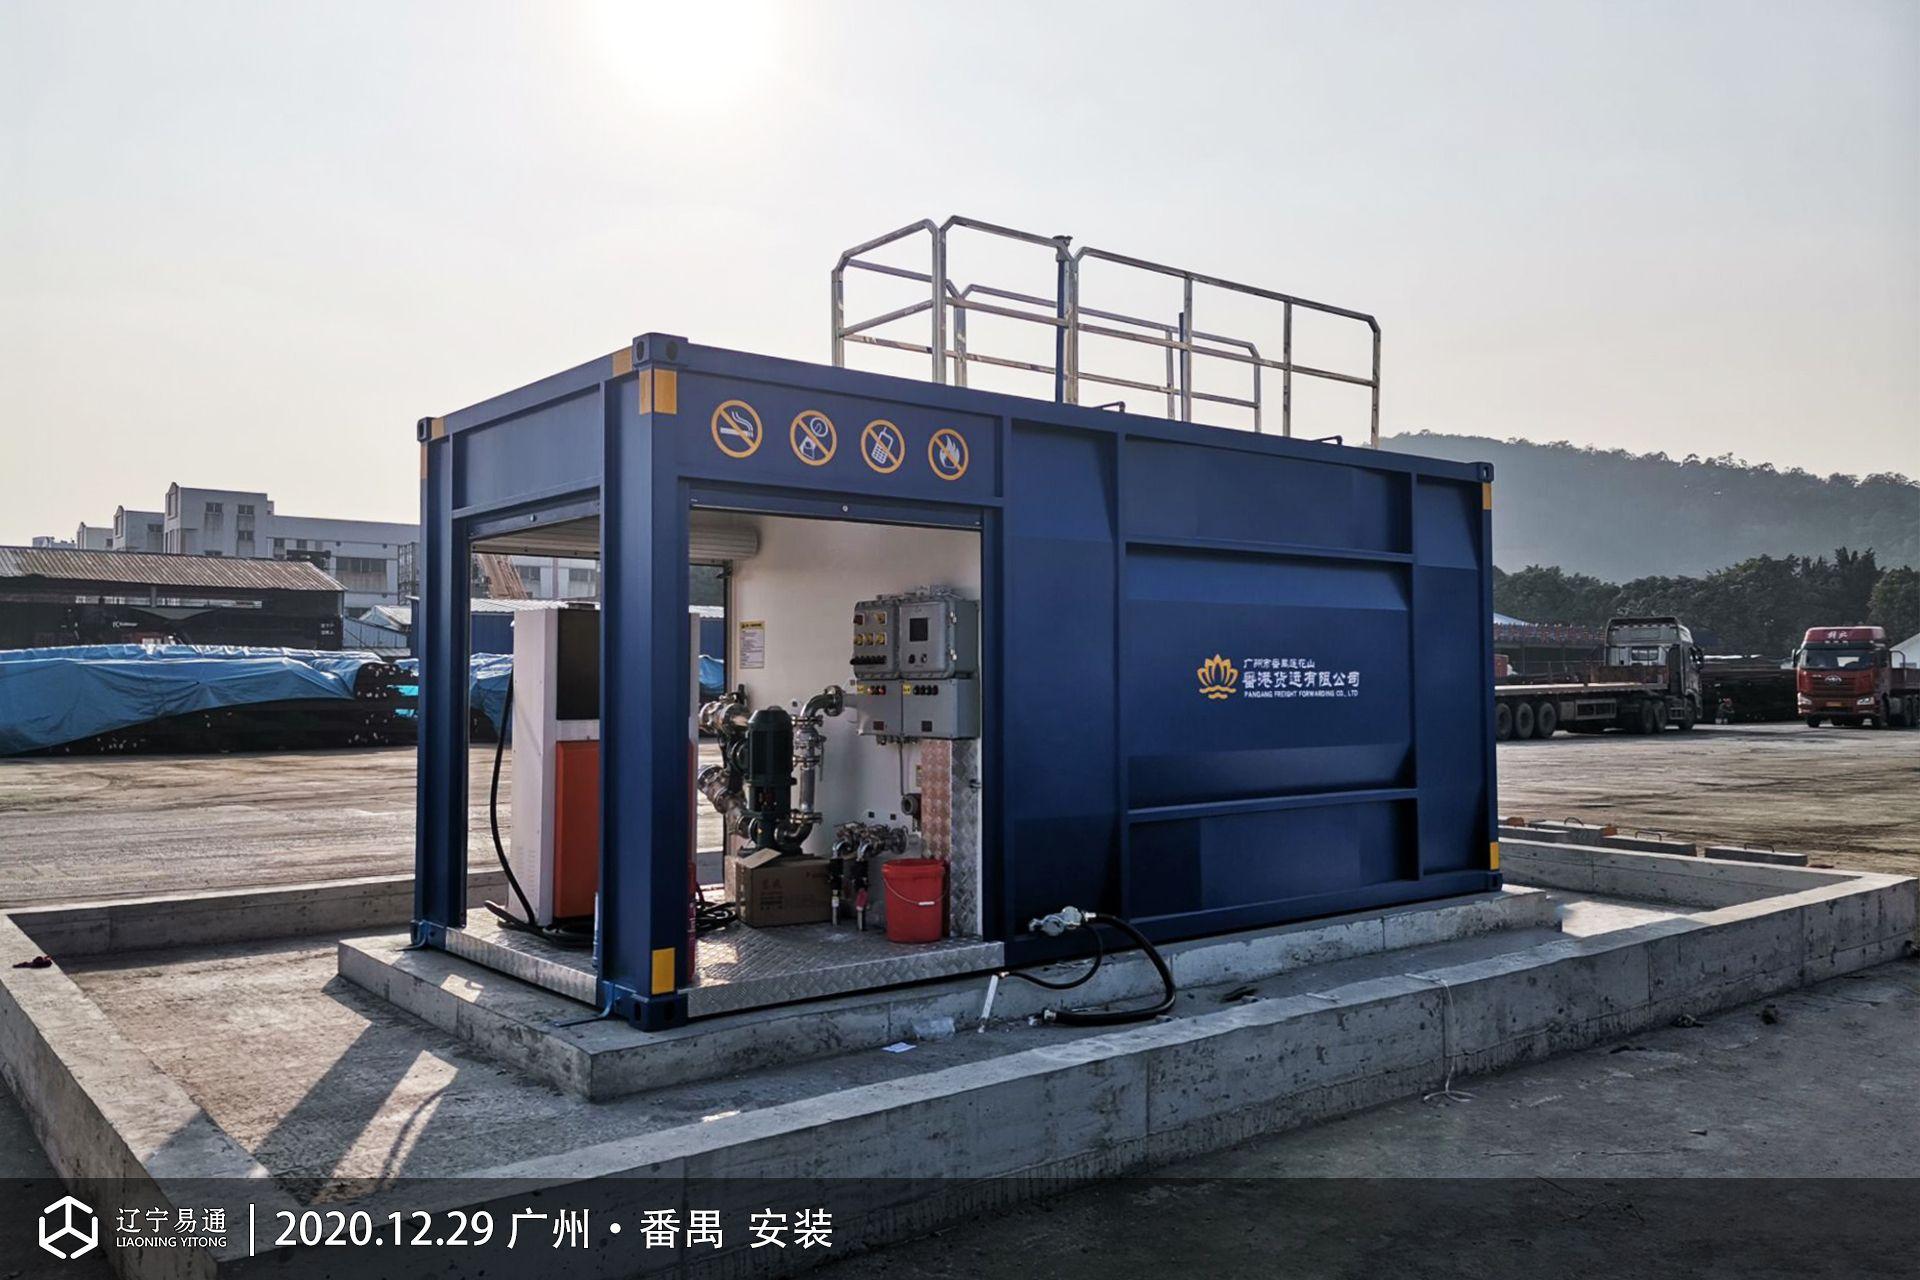 2020年12月29日,广州番禺25立方阻隔ios雷竞技撬装式加油装置安装调试完成